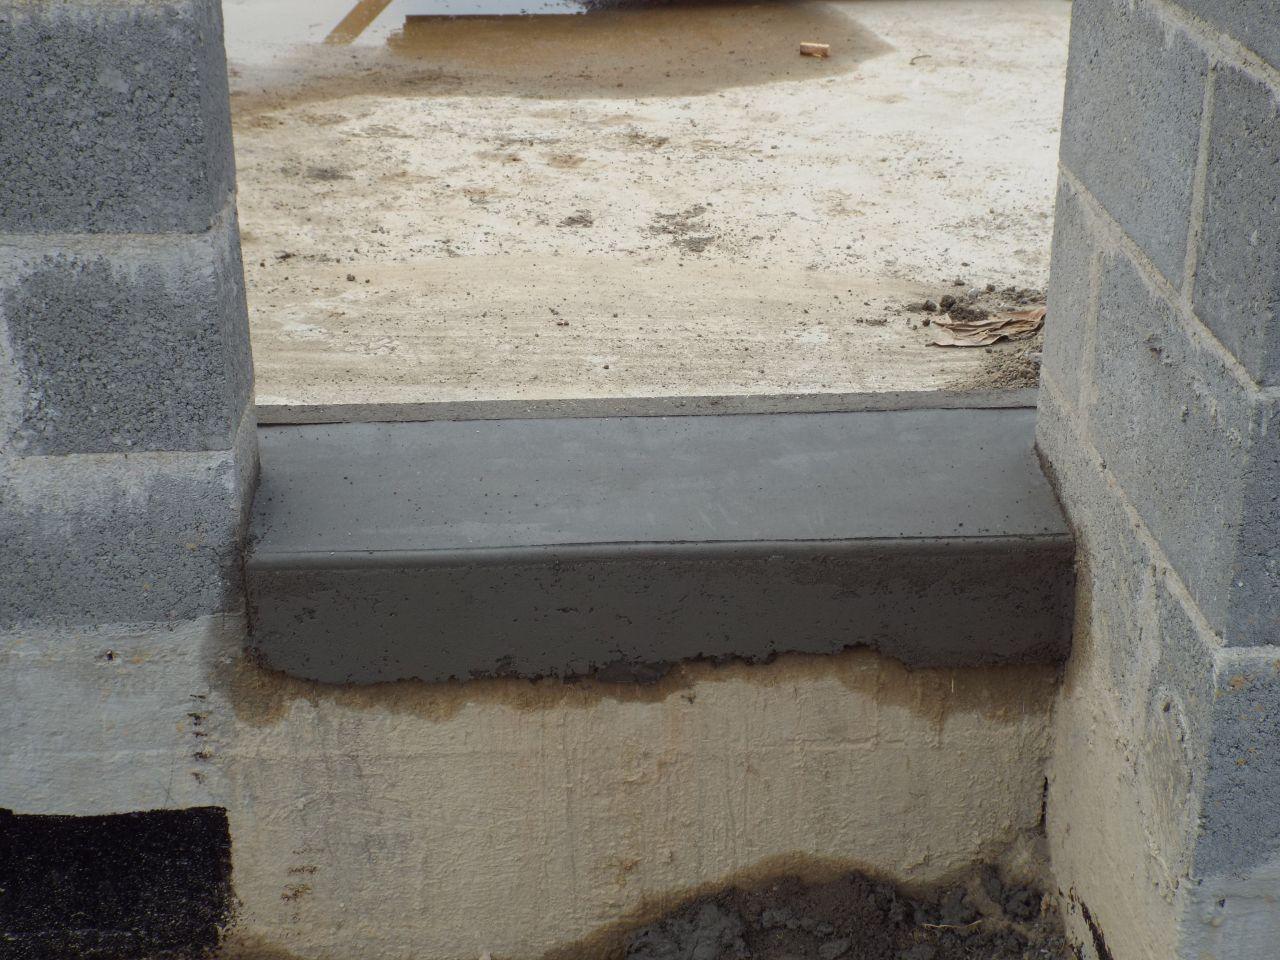 Pose des seuils et des appuis de fenêtre